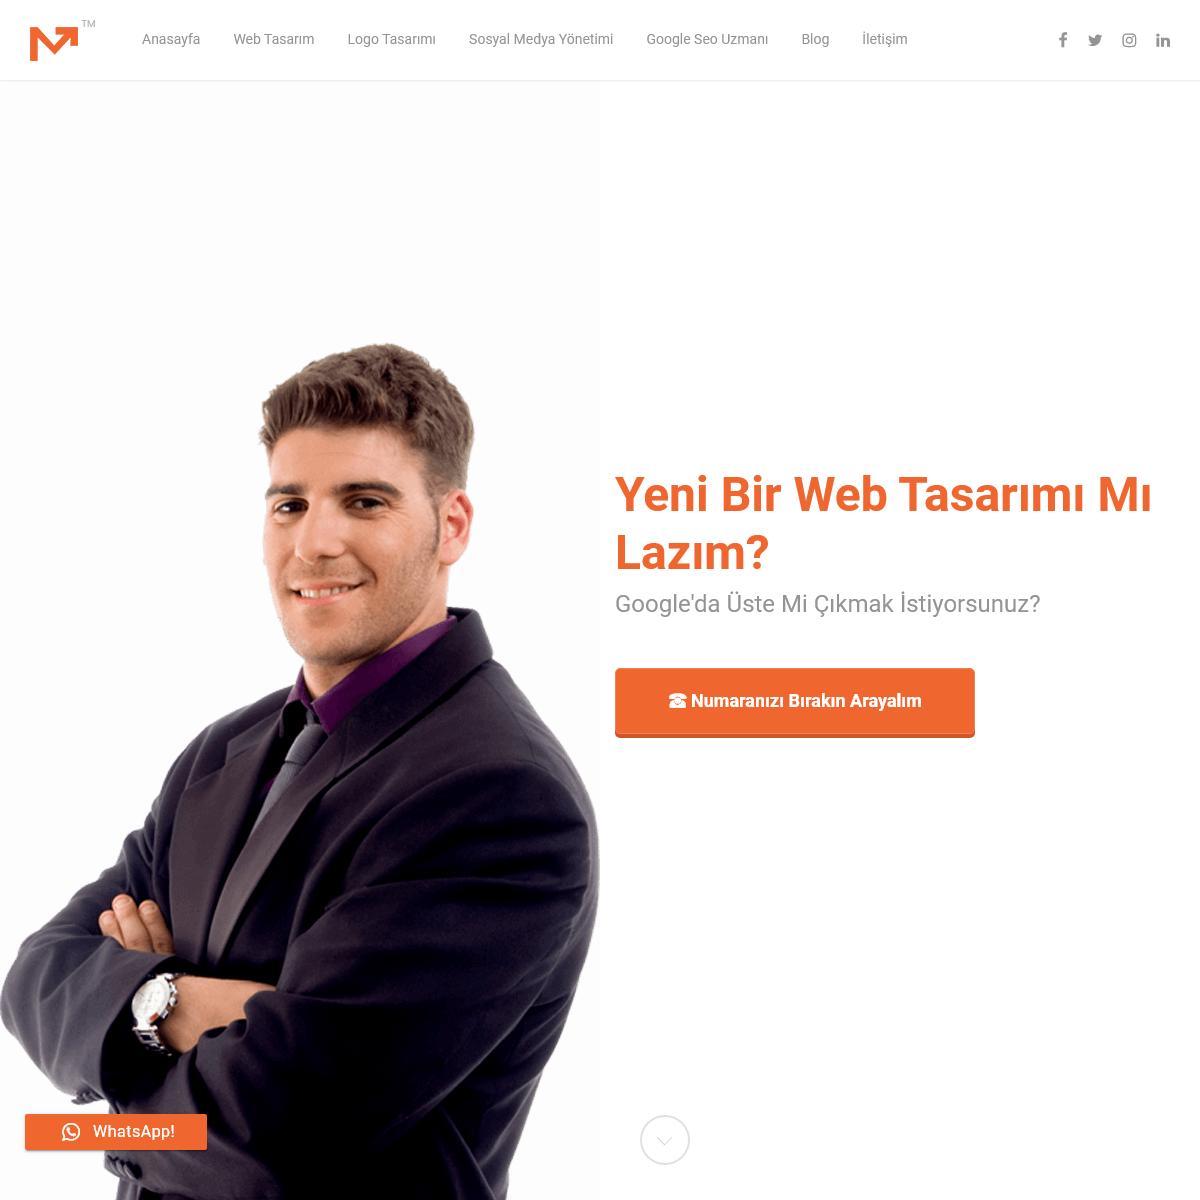 Web Tasarım, Web Tasarım Ajansı, Seo, Sosyal Medya Yönetimi Hizmeti